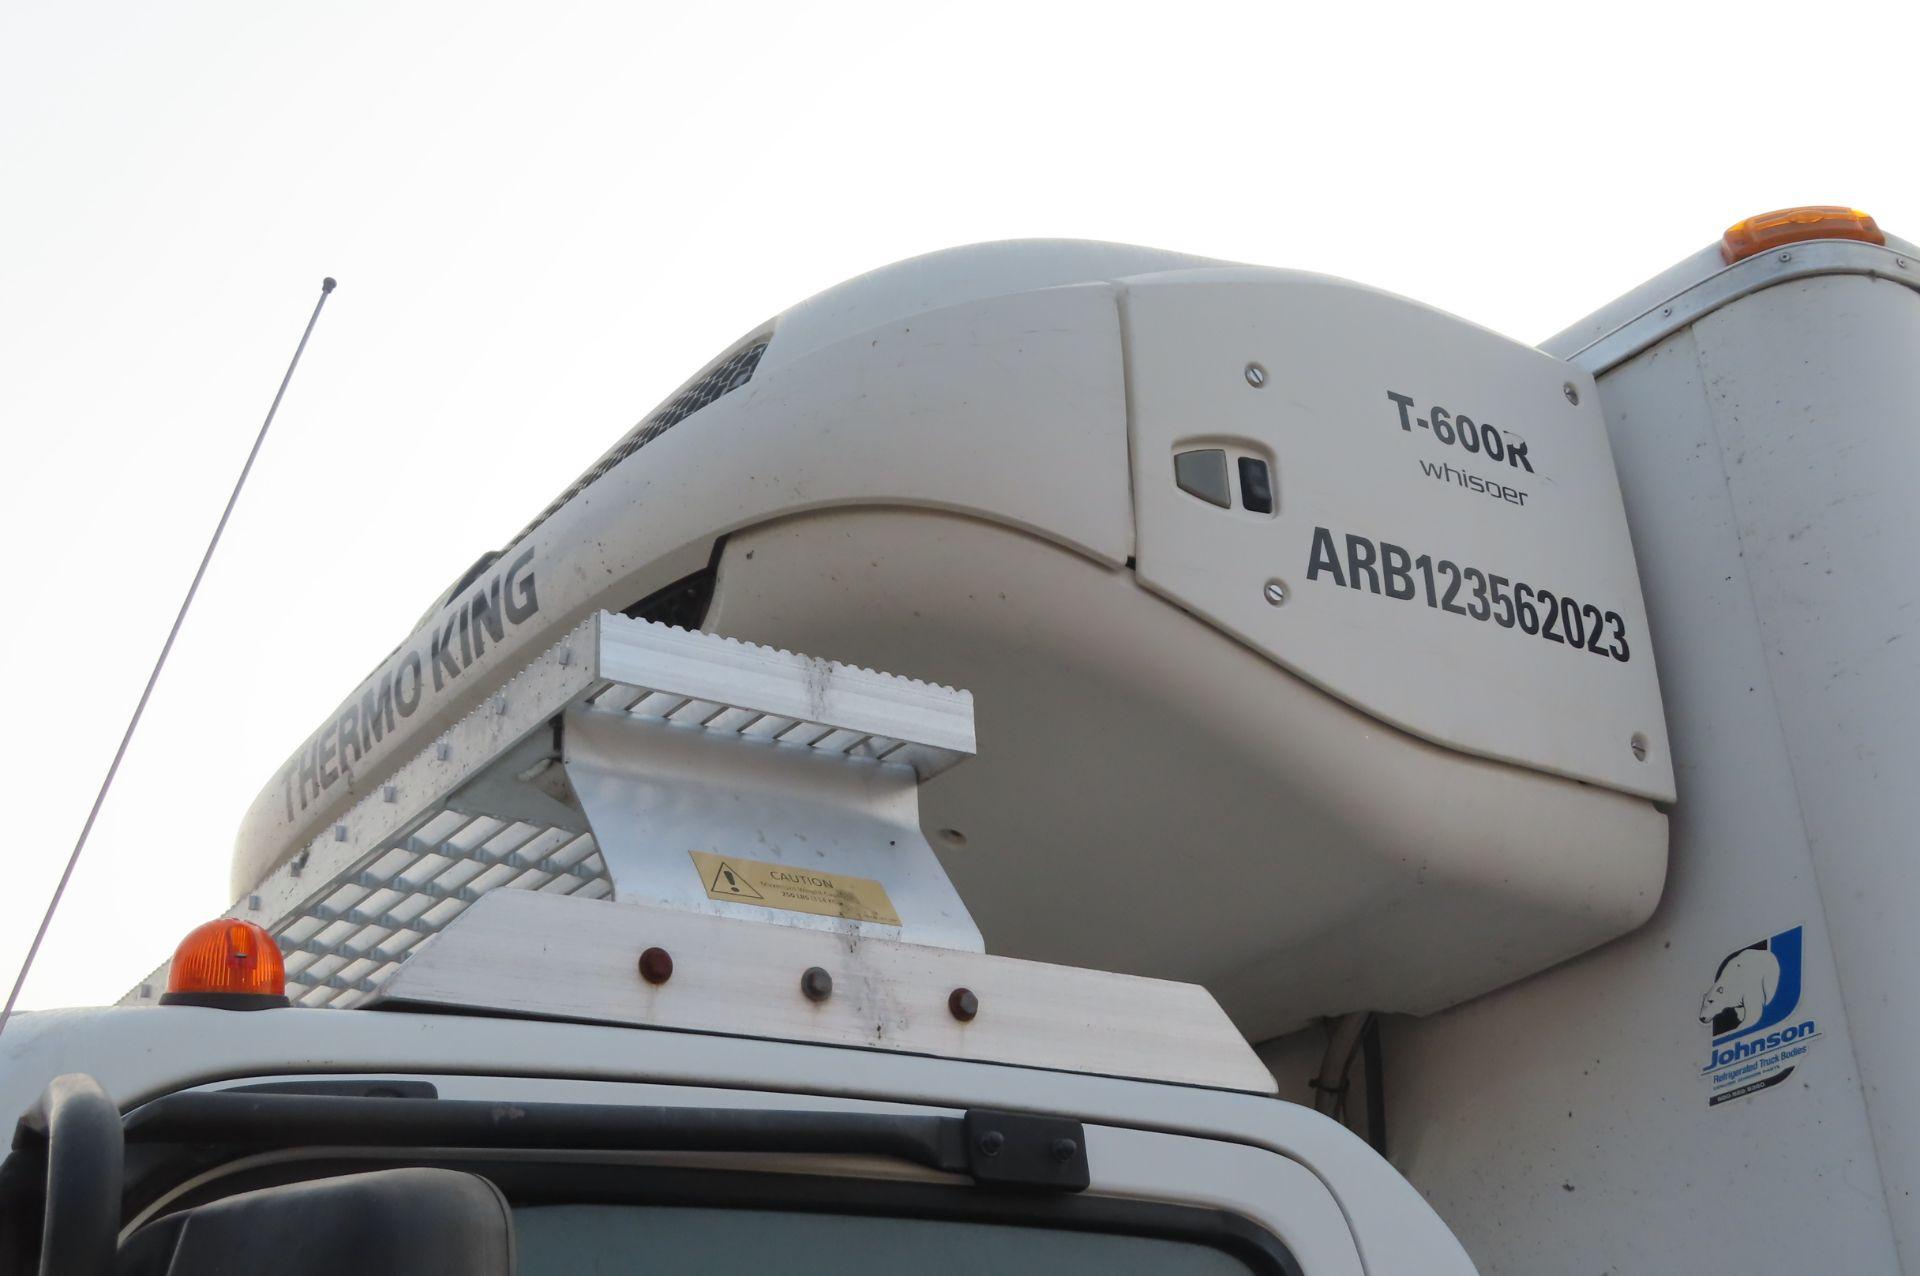 2013 Isuzu refrigerated truck - Image 8 of 9